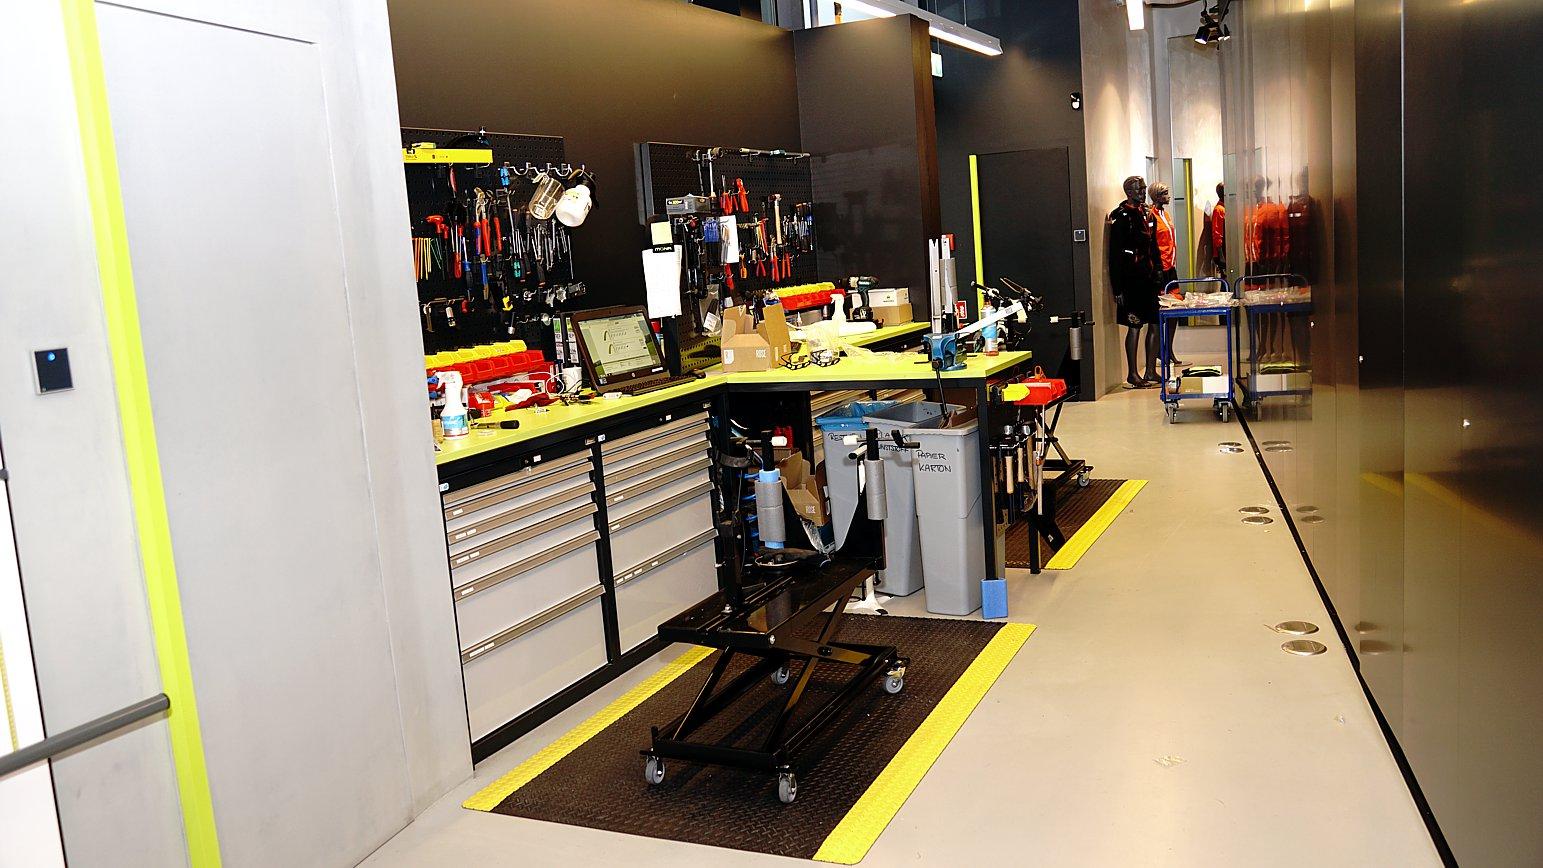 In der kleinen Werkstatt werden die angelieferten Kundenräder final fertiggestellt. Auch Reparaturen oder Einstellarbeiten an Kundenrädern können hier quasi on the fly vorgenommen werden.